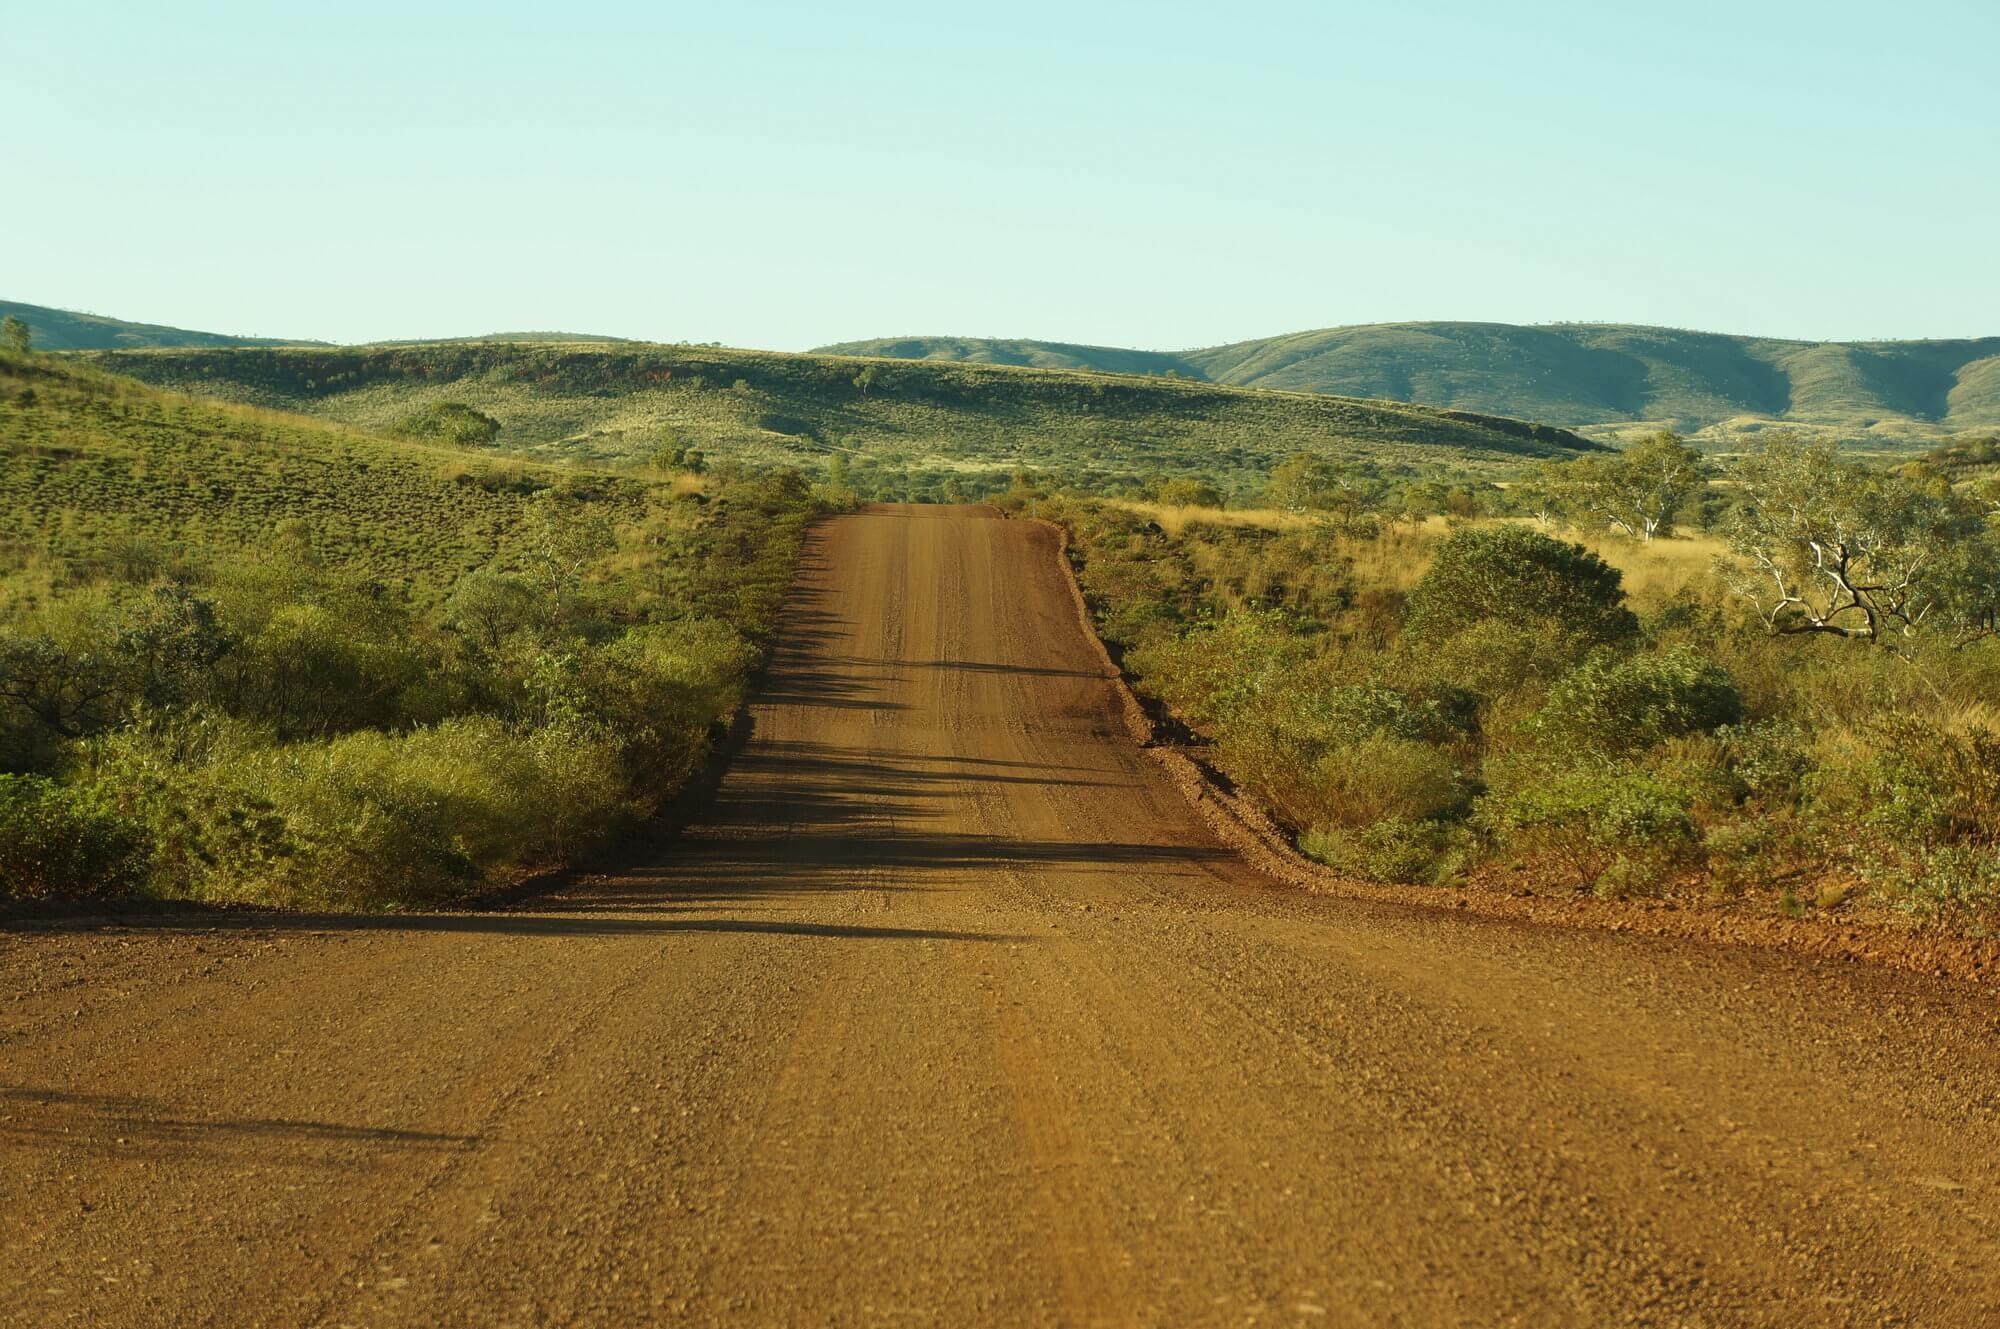 australia-zachodnia-bloody-long-way-10